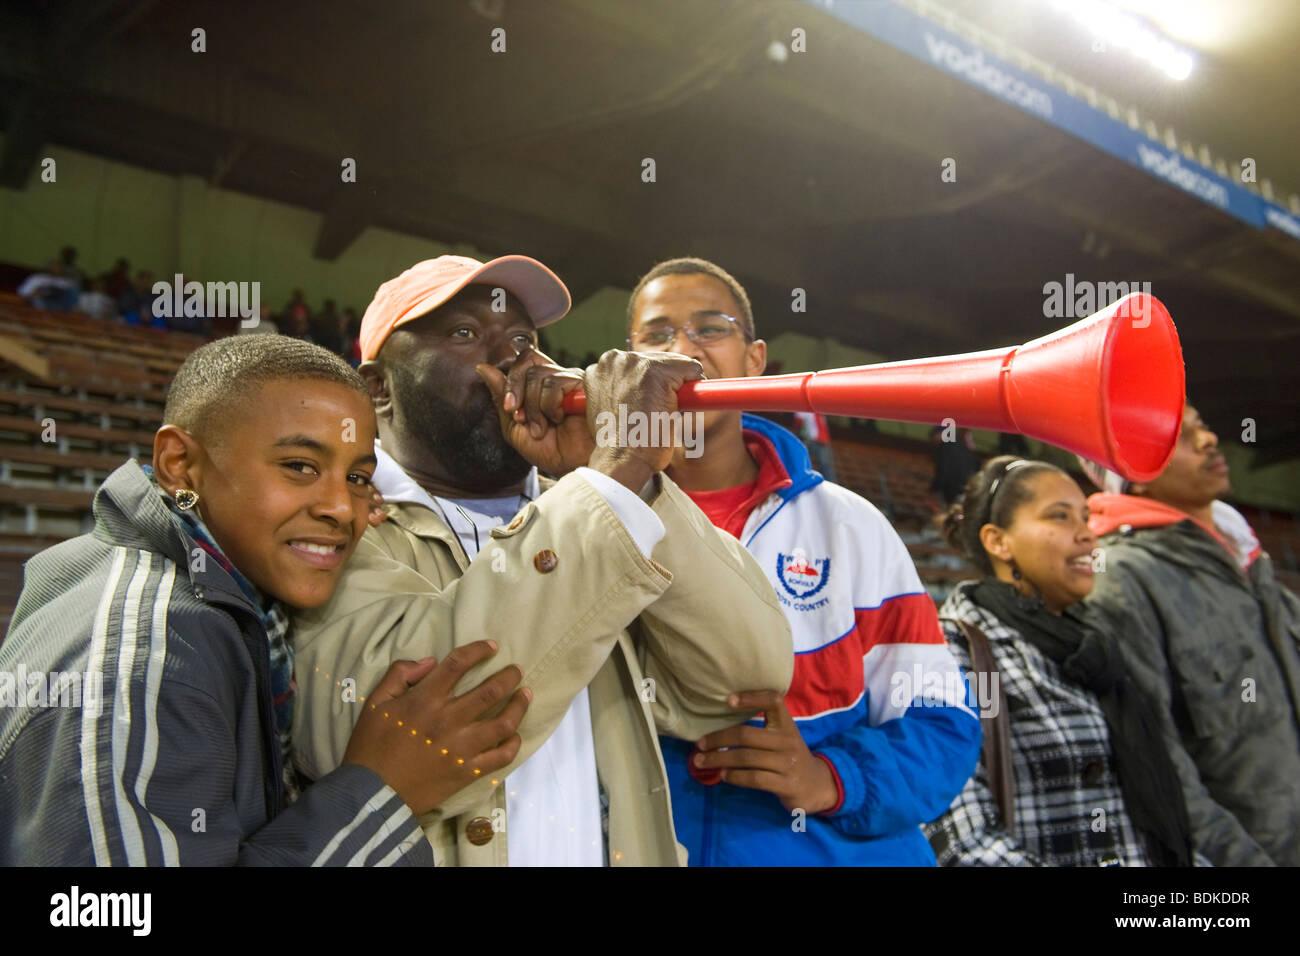 Tifoso di calcio con VUVZELA, Newlands Stadium, Cape Town, Sud Africa Immagini Stock